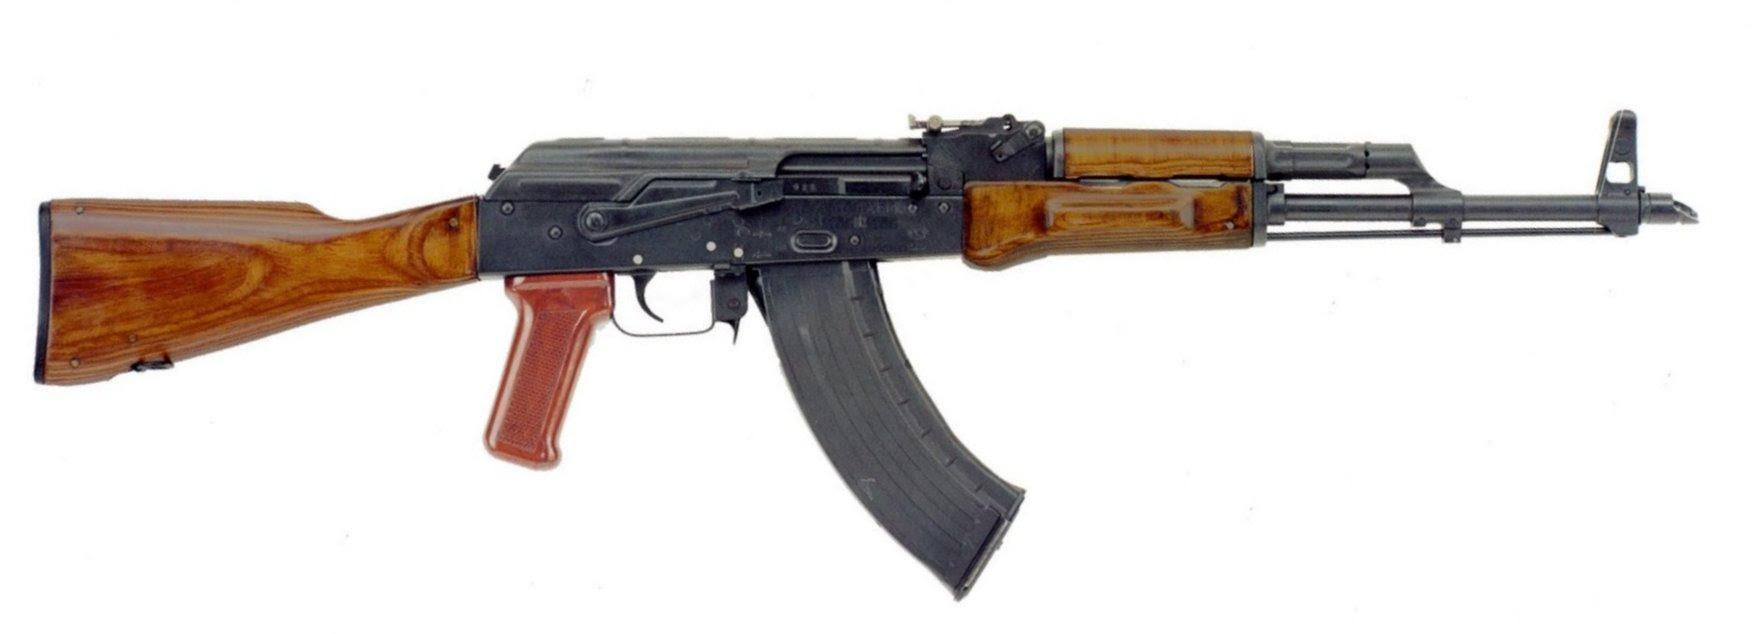 Image result for kalashnikov/Images